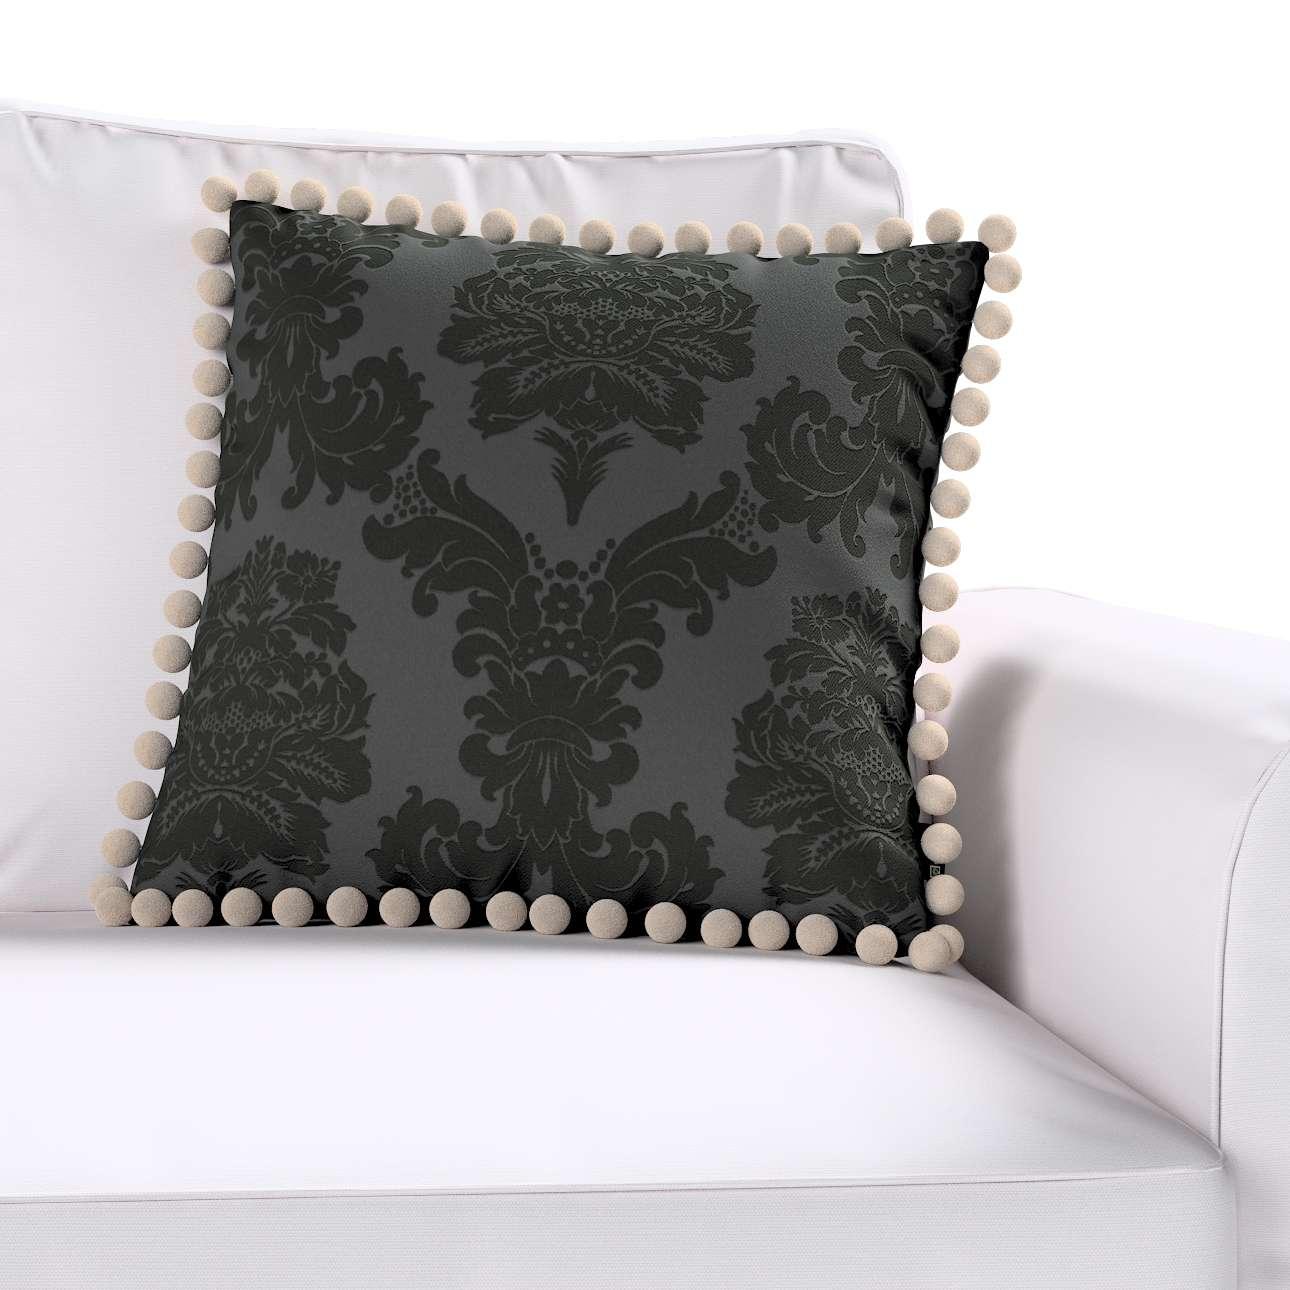 Wera dekoratyvinės pagalvėlės užvalkalas su žaismingais kraštais 45 x 45 cm kolekcijoje Damasco, audinys: 613-32